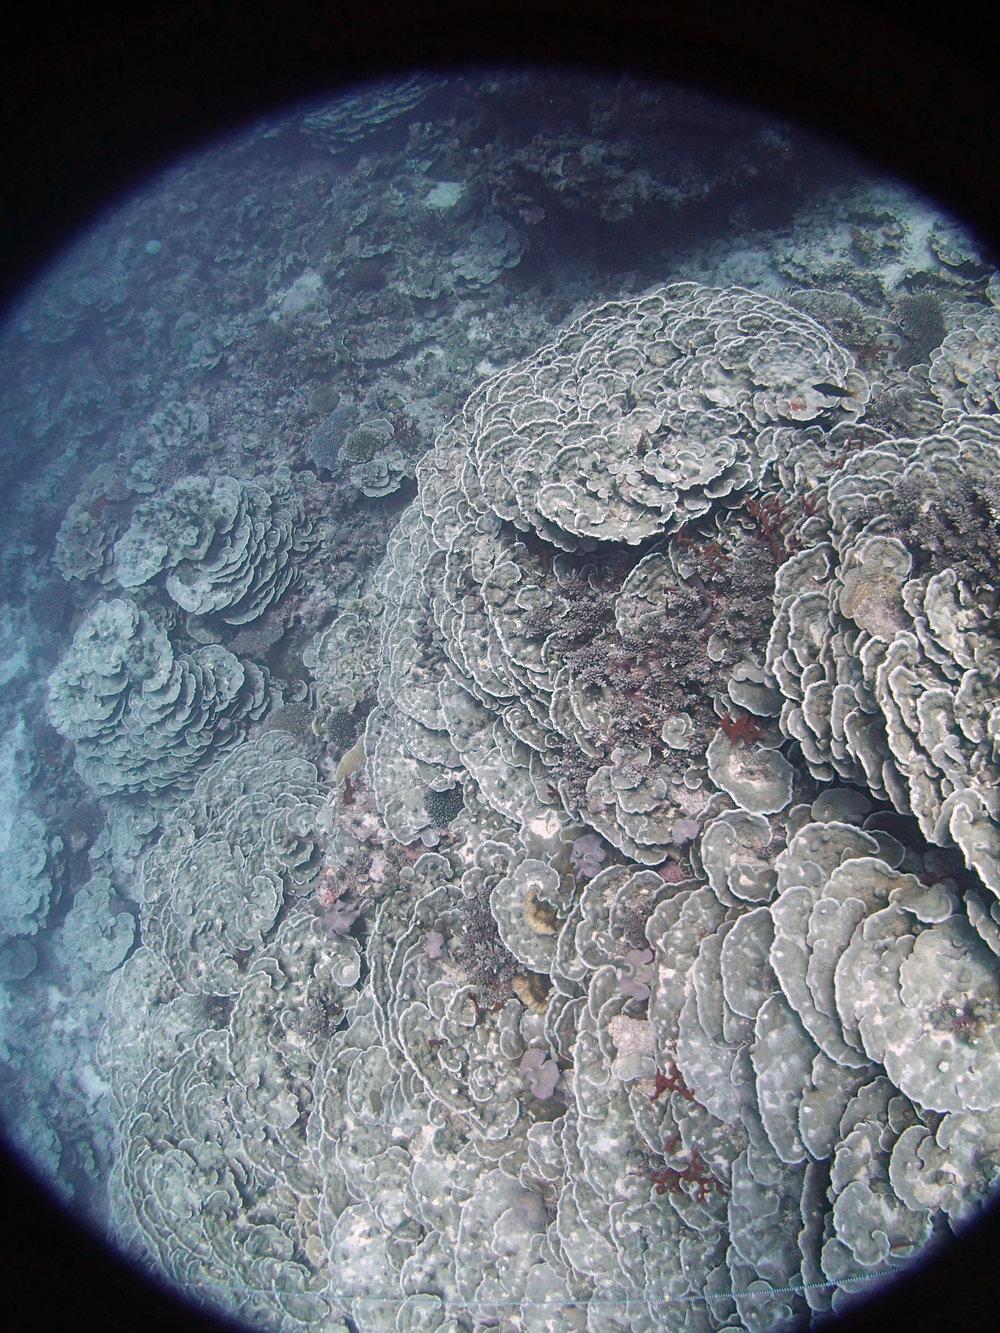 plating coral in deep waters.JPG